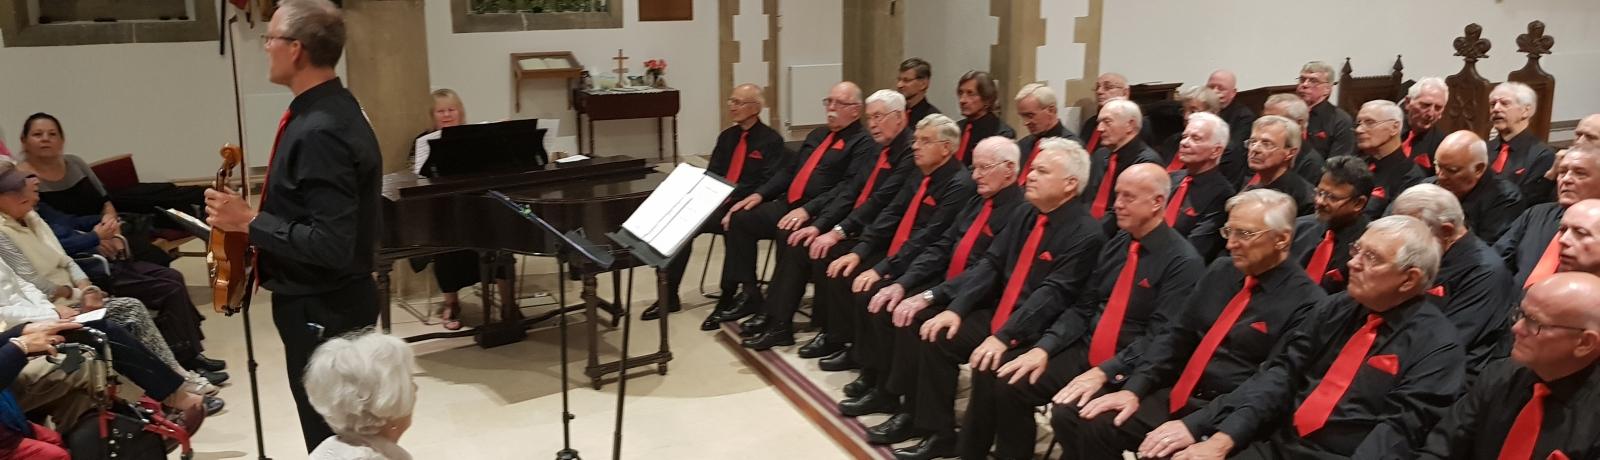 Hart Choir